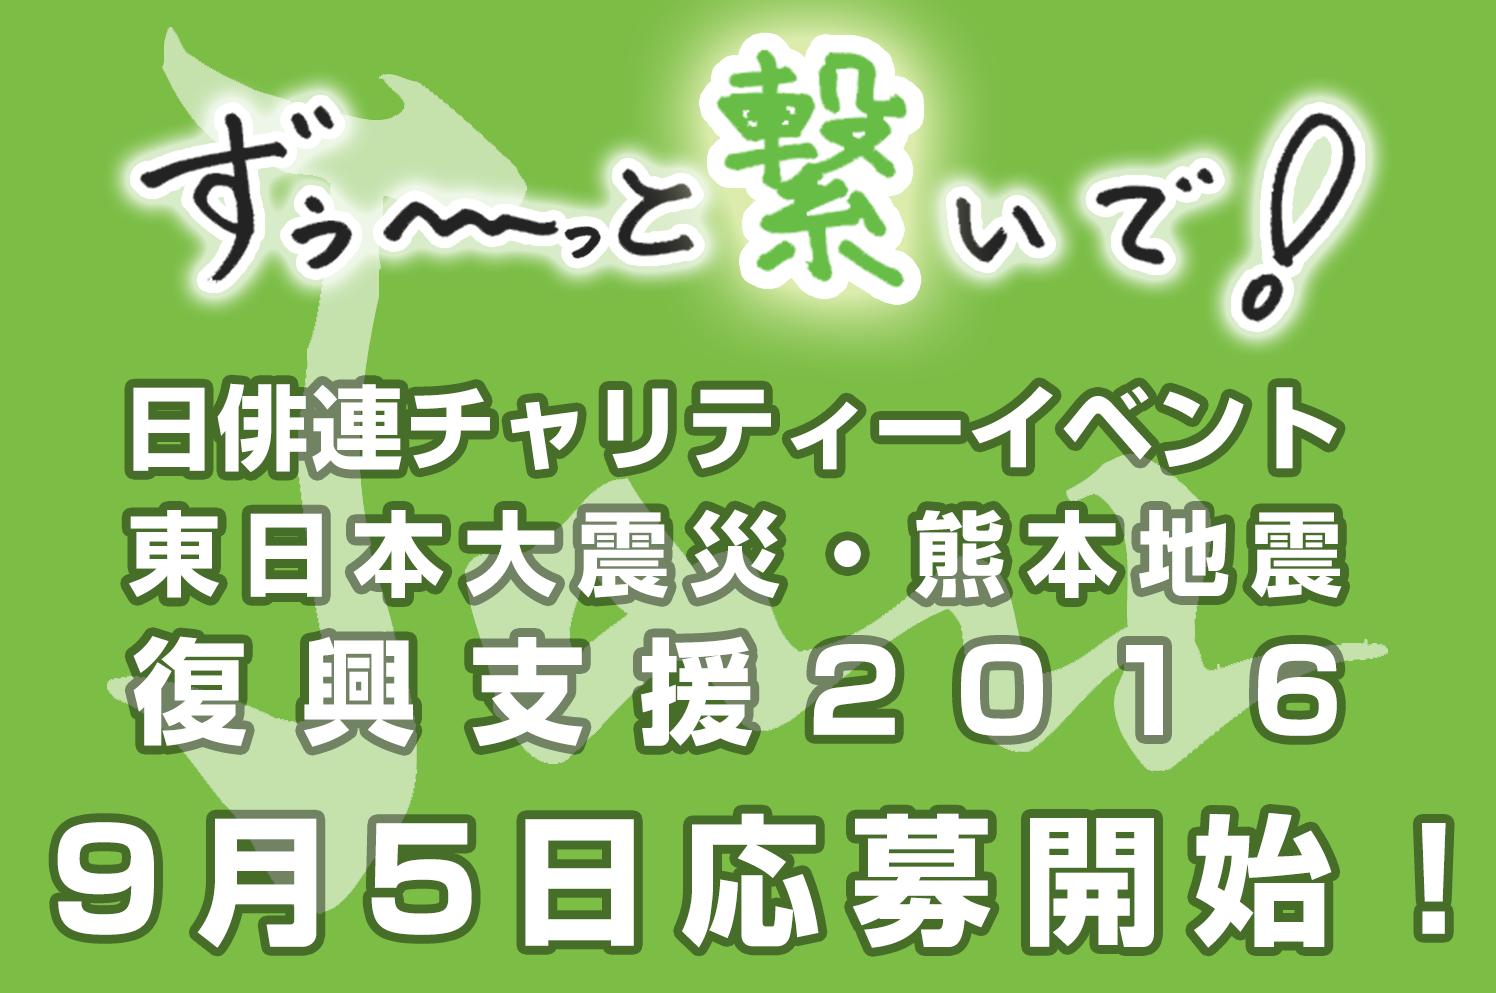 2016年9月5日(月)応募開始!『(協)日本俳優連合 チャリティーイベント 東日本大震災・熊本地震 復興支援2016』